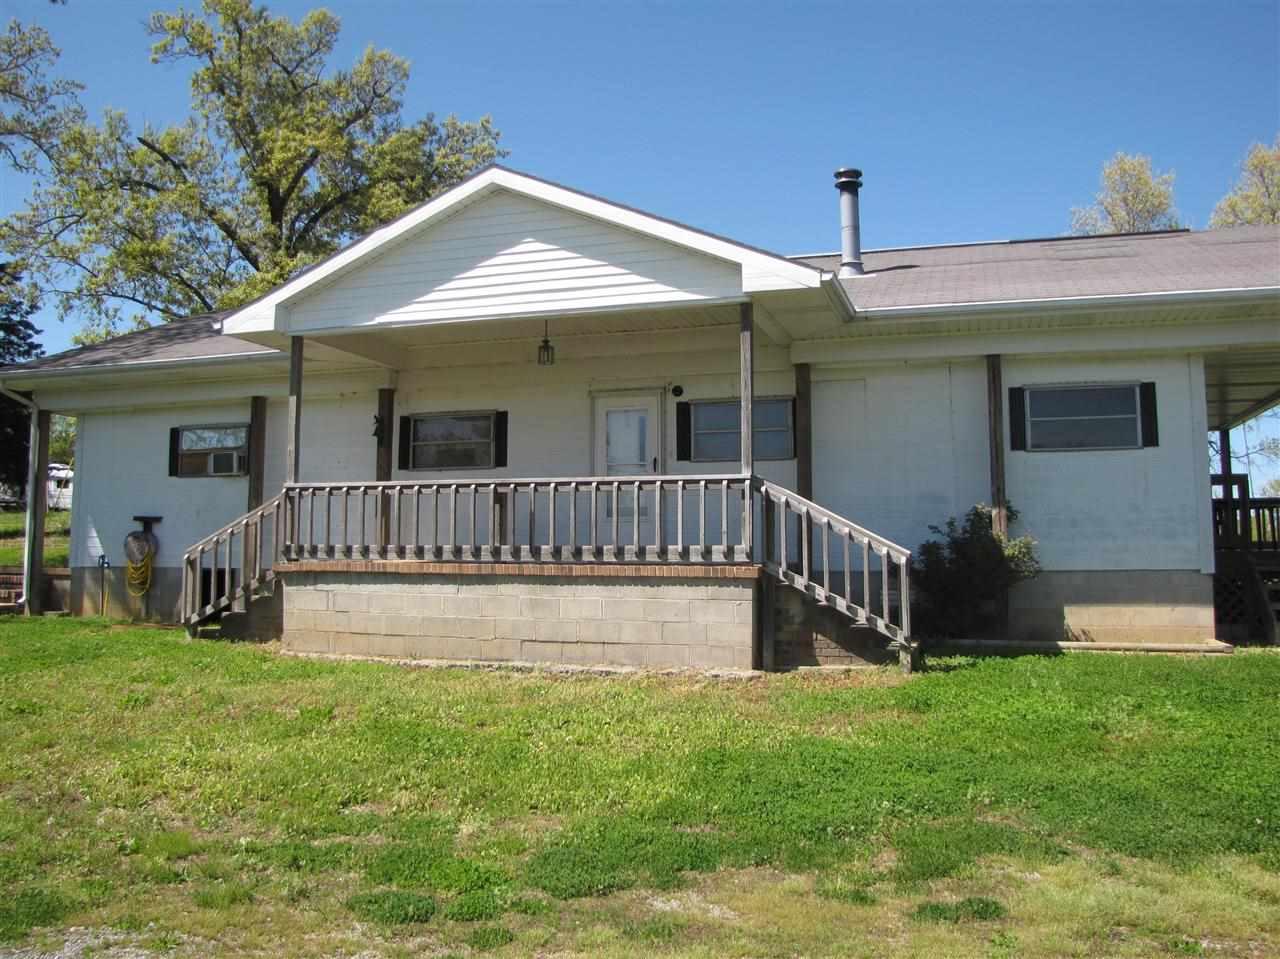 Real Estate for Sale, ListingId: 26571169, Gilbertsville,KY42044